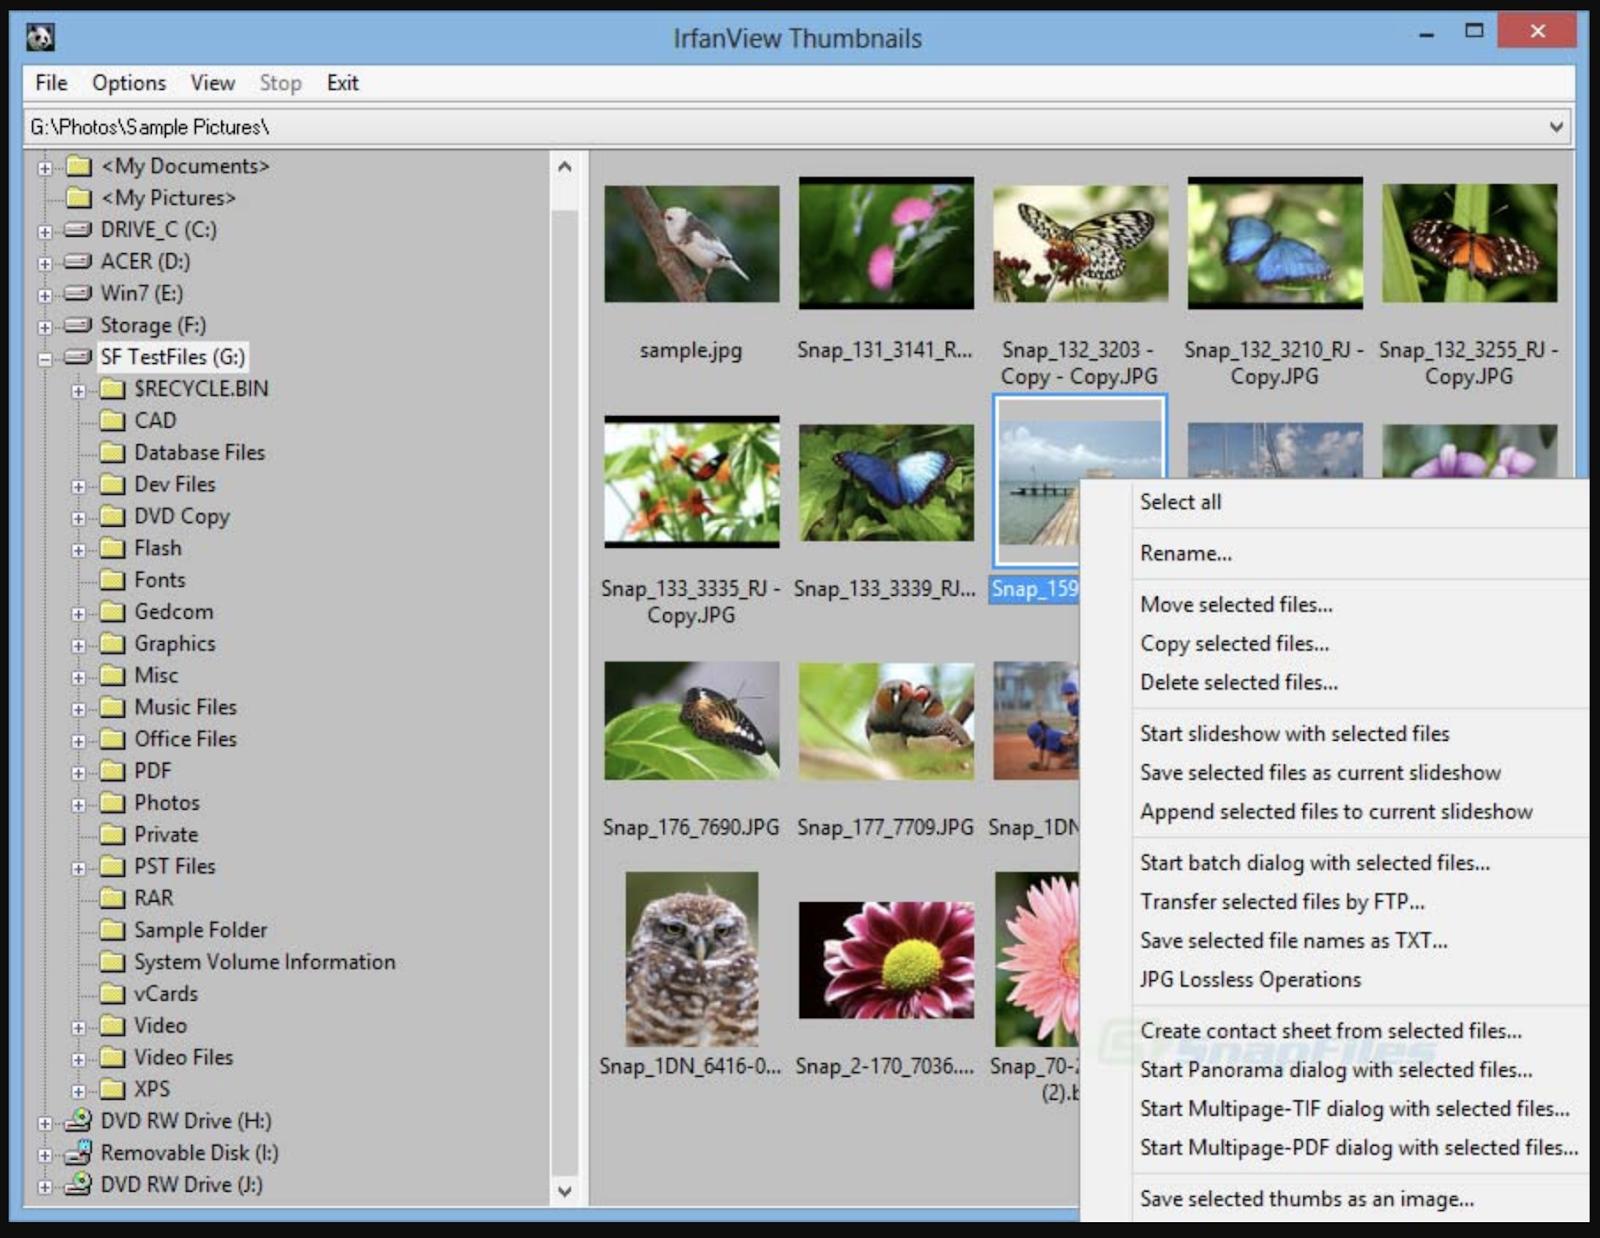 Phần mềm này cung cấp nhiều tuỳ chọn để tải xuống và in ấn